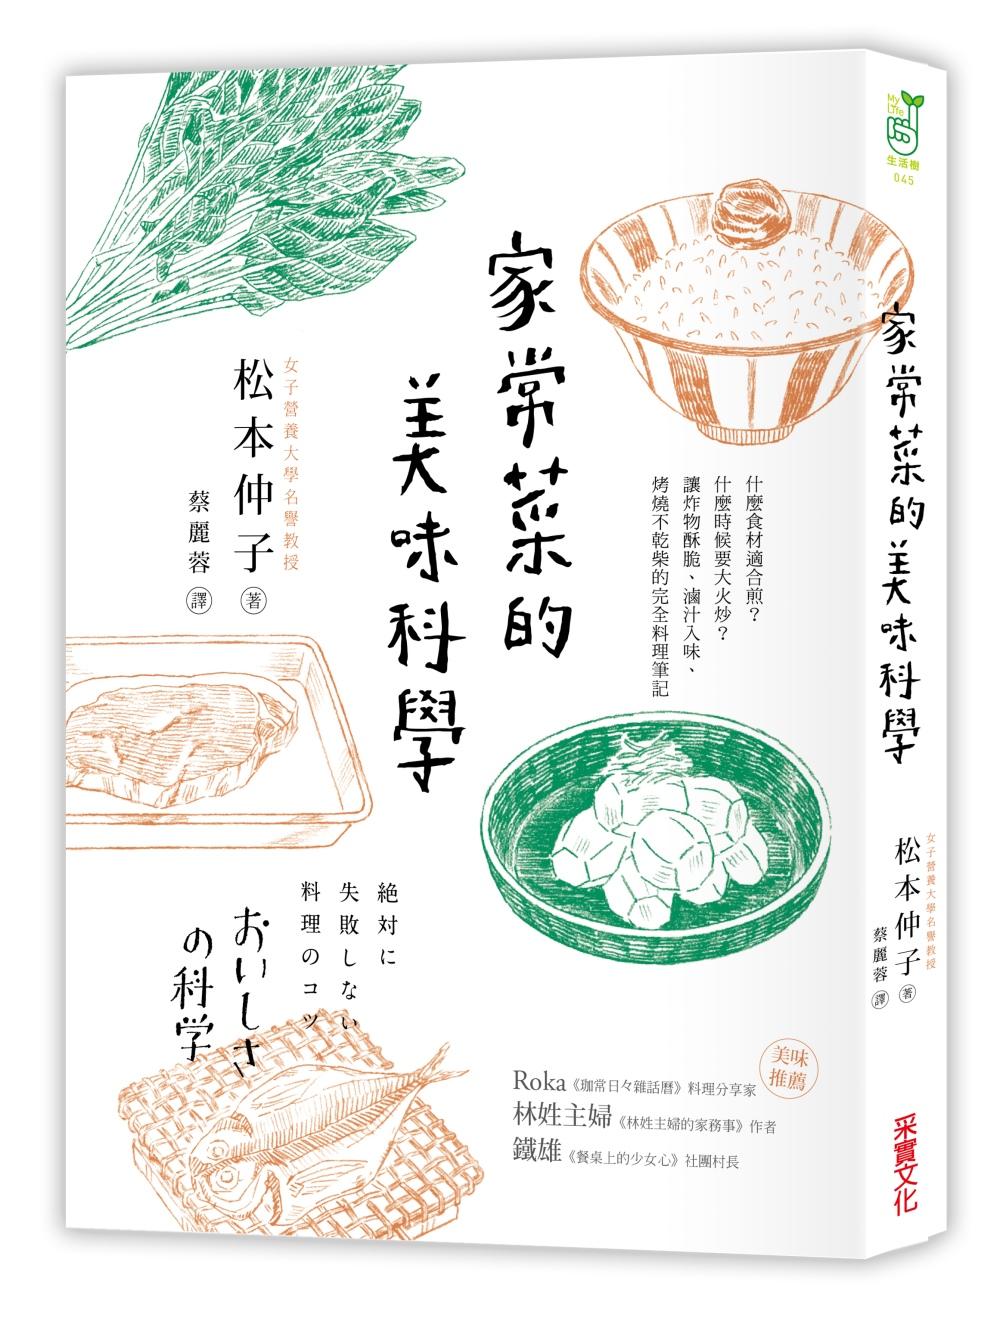 家常菜的美味科學:什麼食材適合煎?什麼時候要大火炒?讓炸物酥脆、滷汁入味、燒烤不乾柴的完全料理筆記